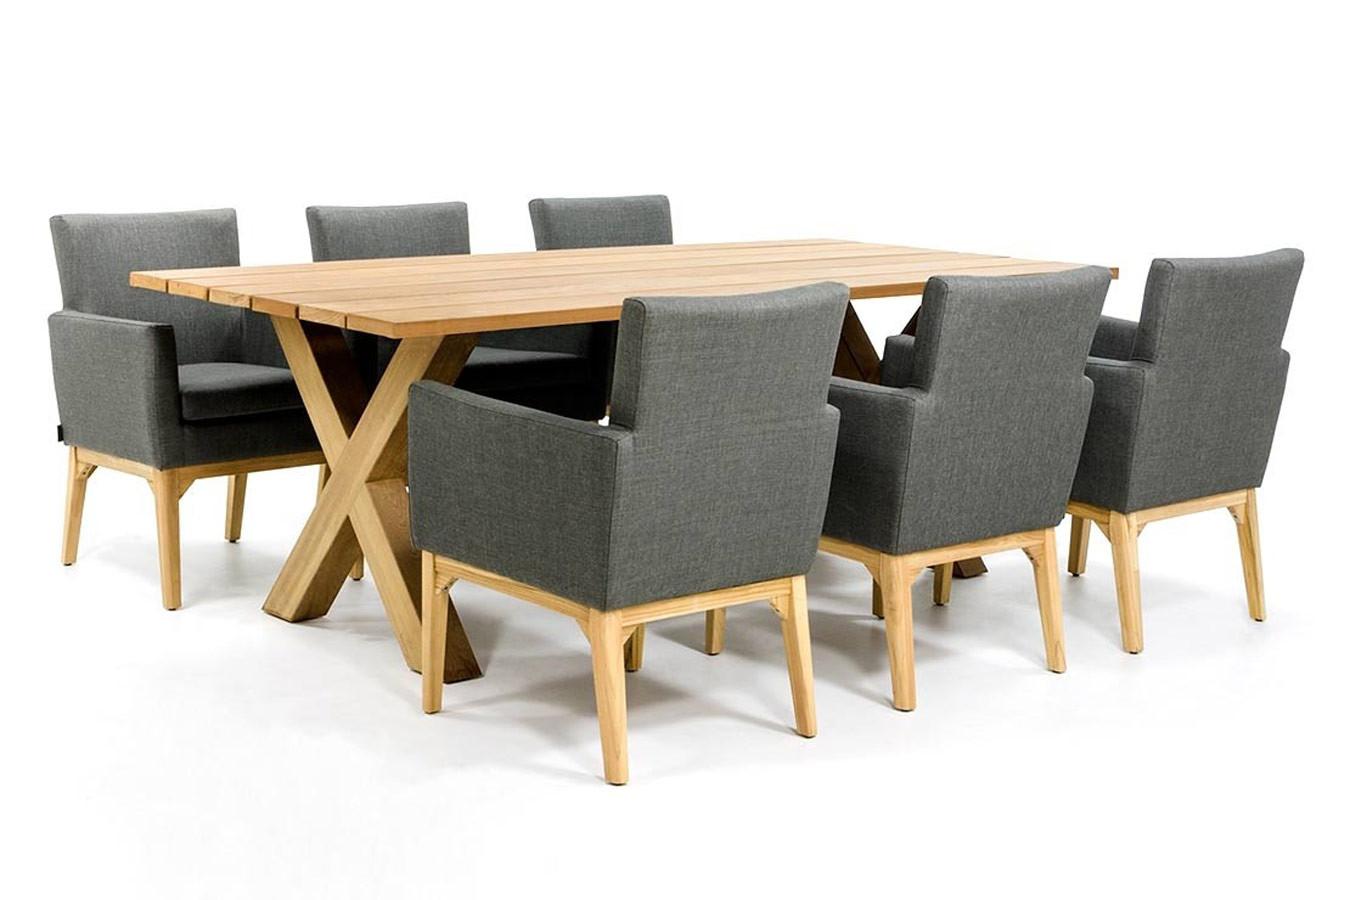 Gartentisch aus Holz mit 6 Outdoor-Textilstühlen